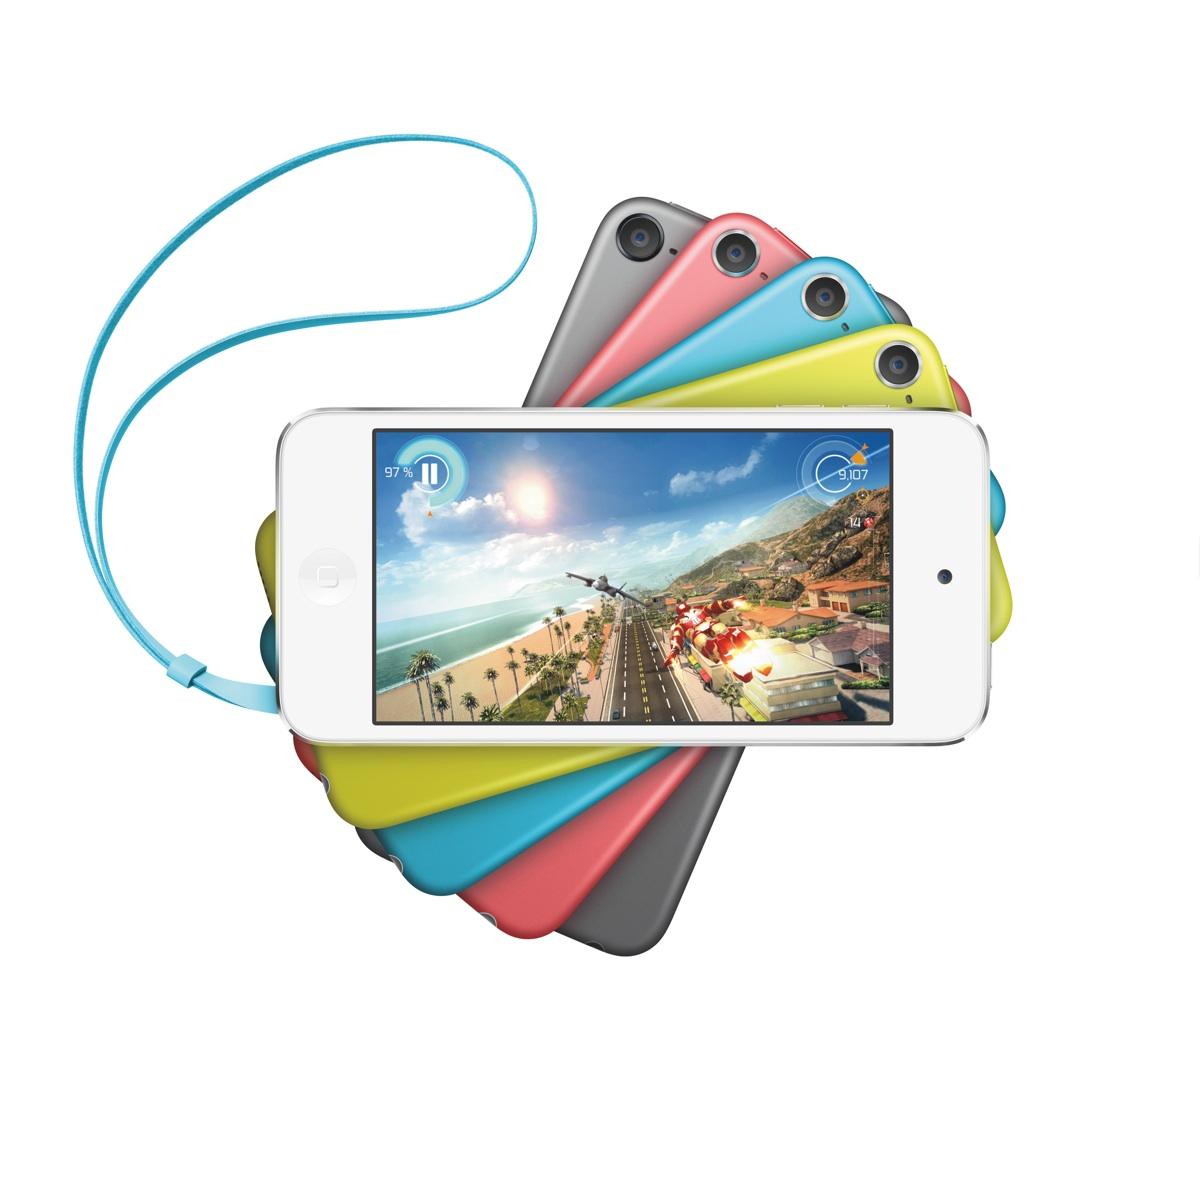 iPod touch 16GB wird günstiger, farbiger und bekommt eine bessere Kamera.